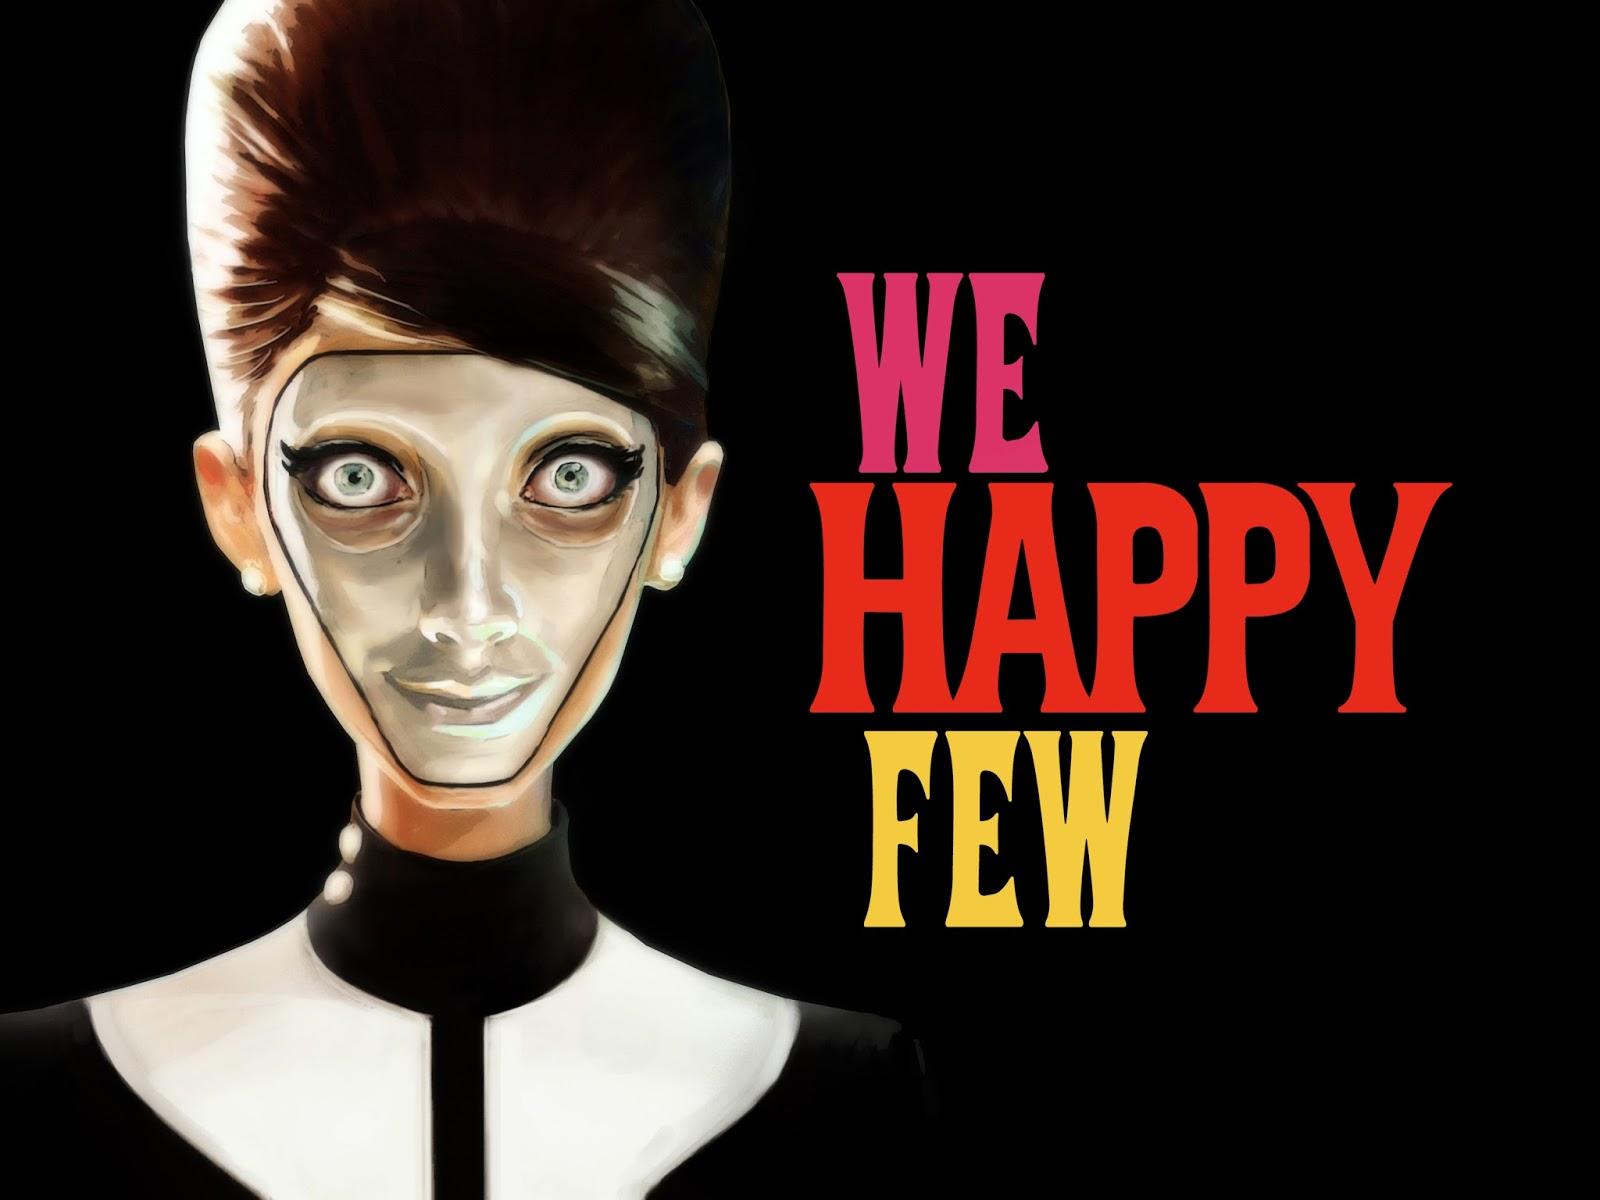 We Happy Few PC torrent - We Happy Few For PC